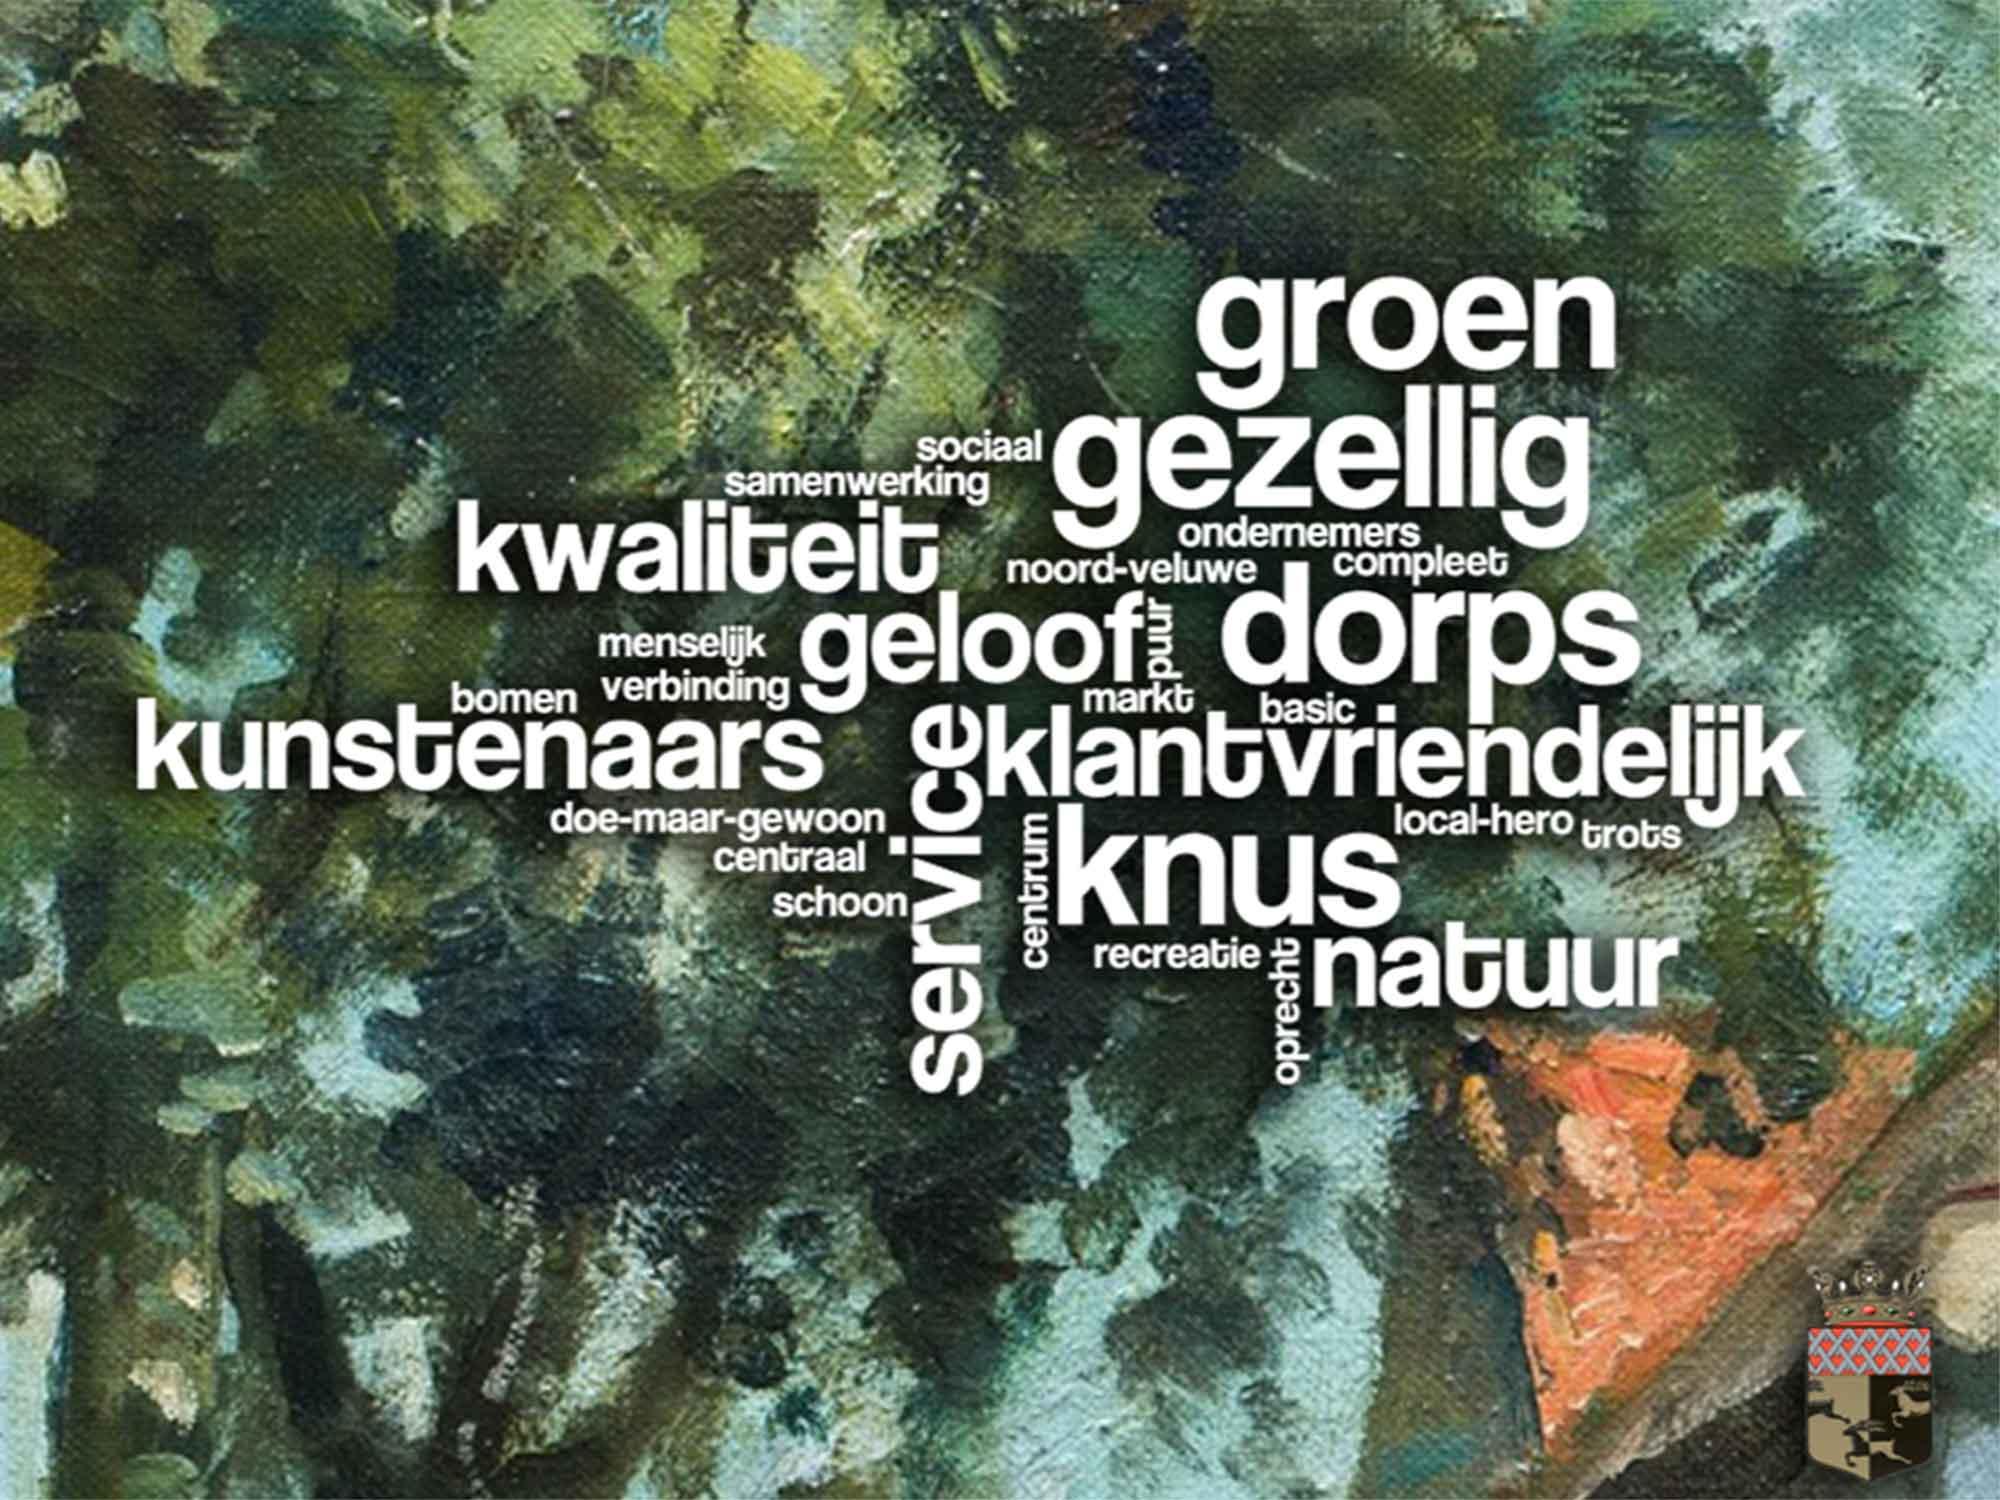 Nunspeet groen © Urban Solutions (placemaking - placebranding)